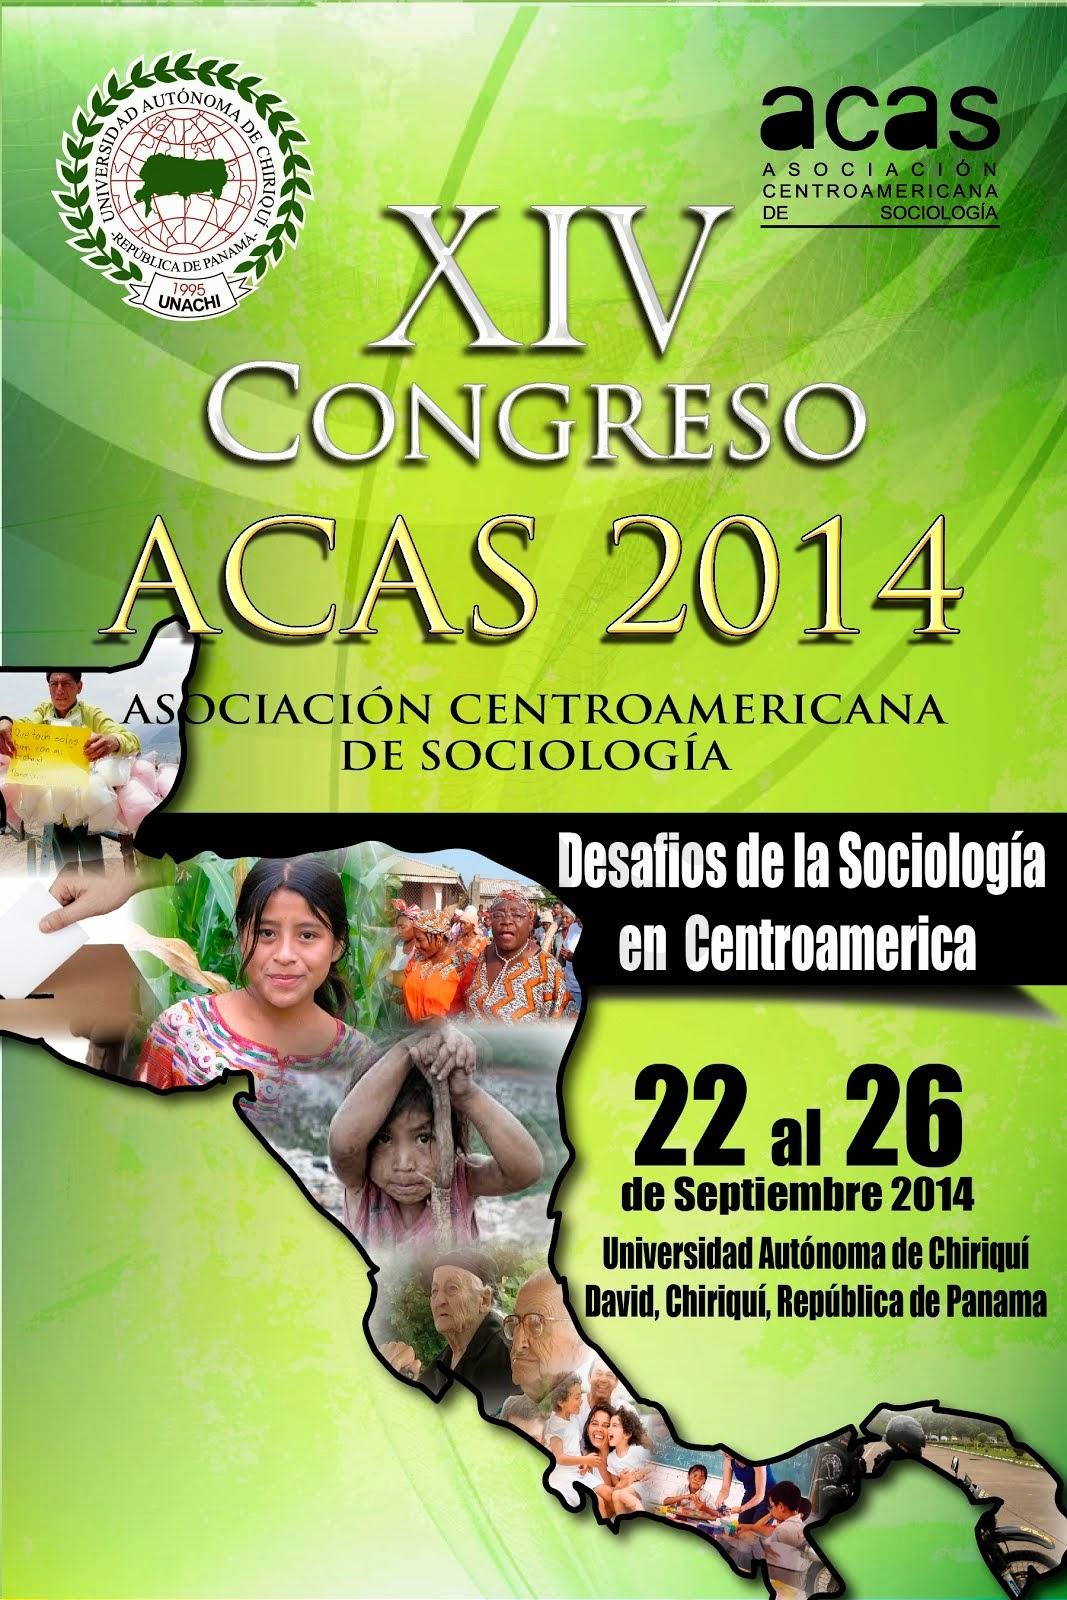 XIV Congreso Centroamericano de Sociología, David, Chiriquí, Panamá, septiembre de 2014.